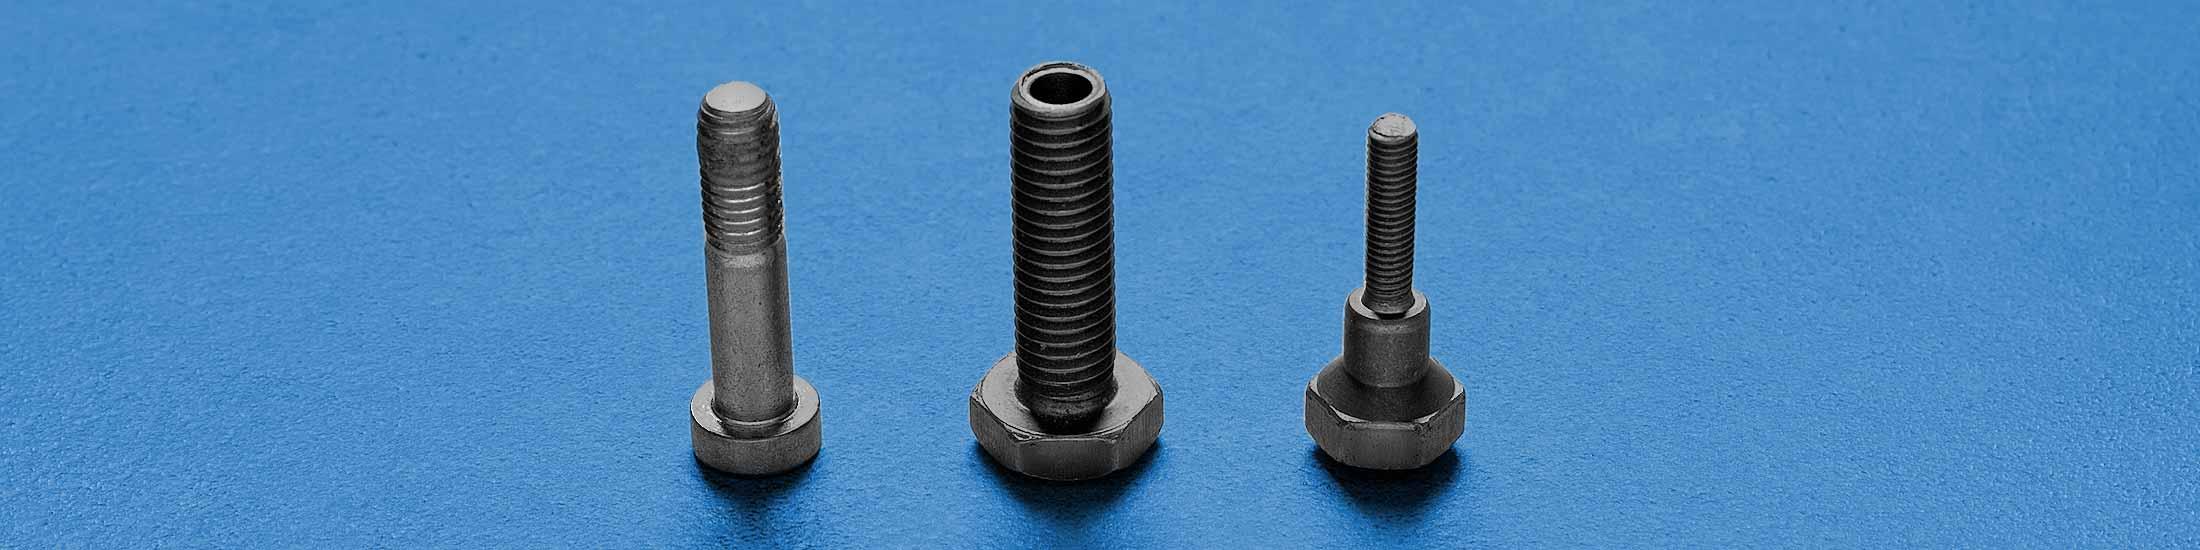 Schrauben mit Kopflochbohrung • Frey Schrauben GmbH